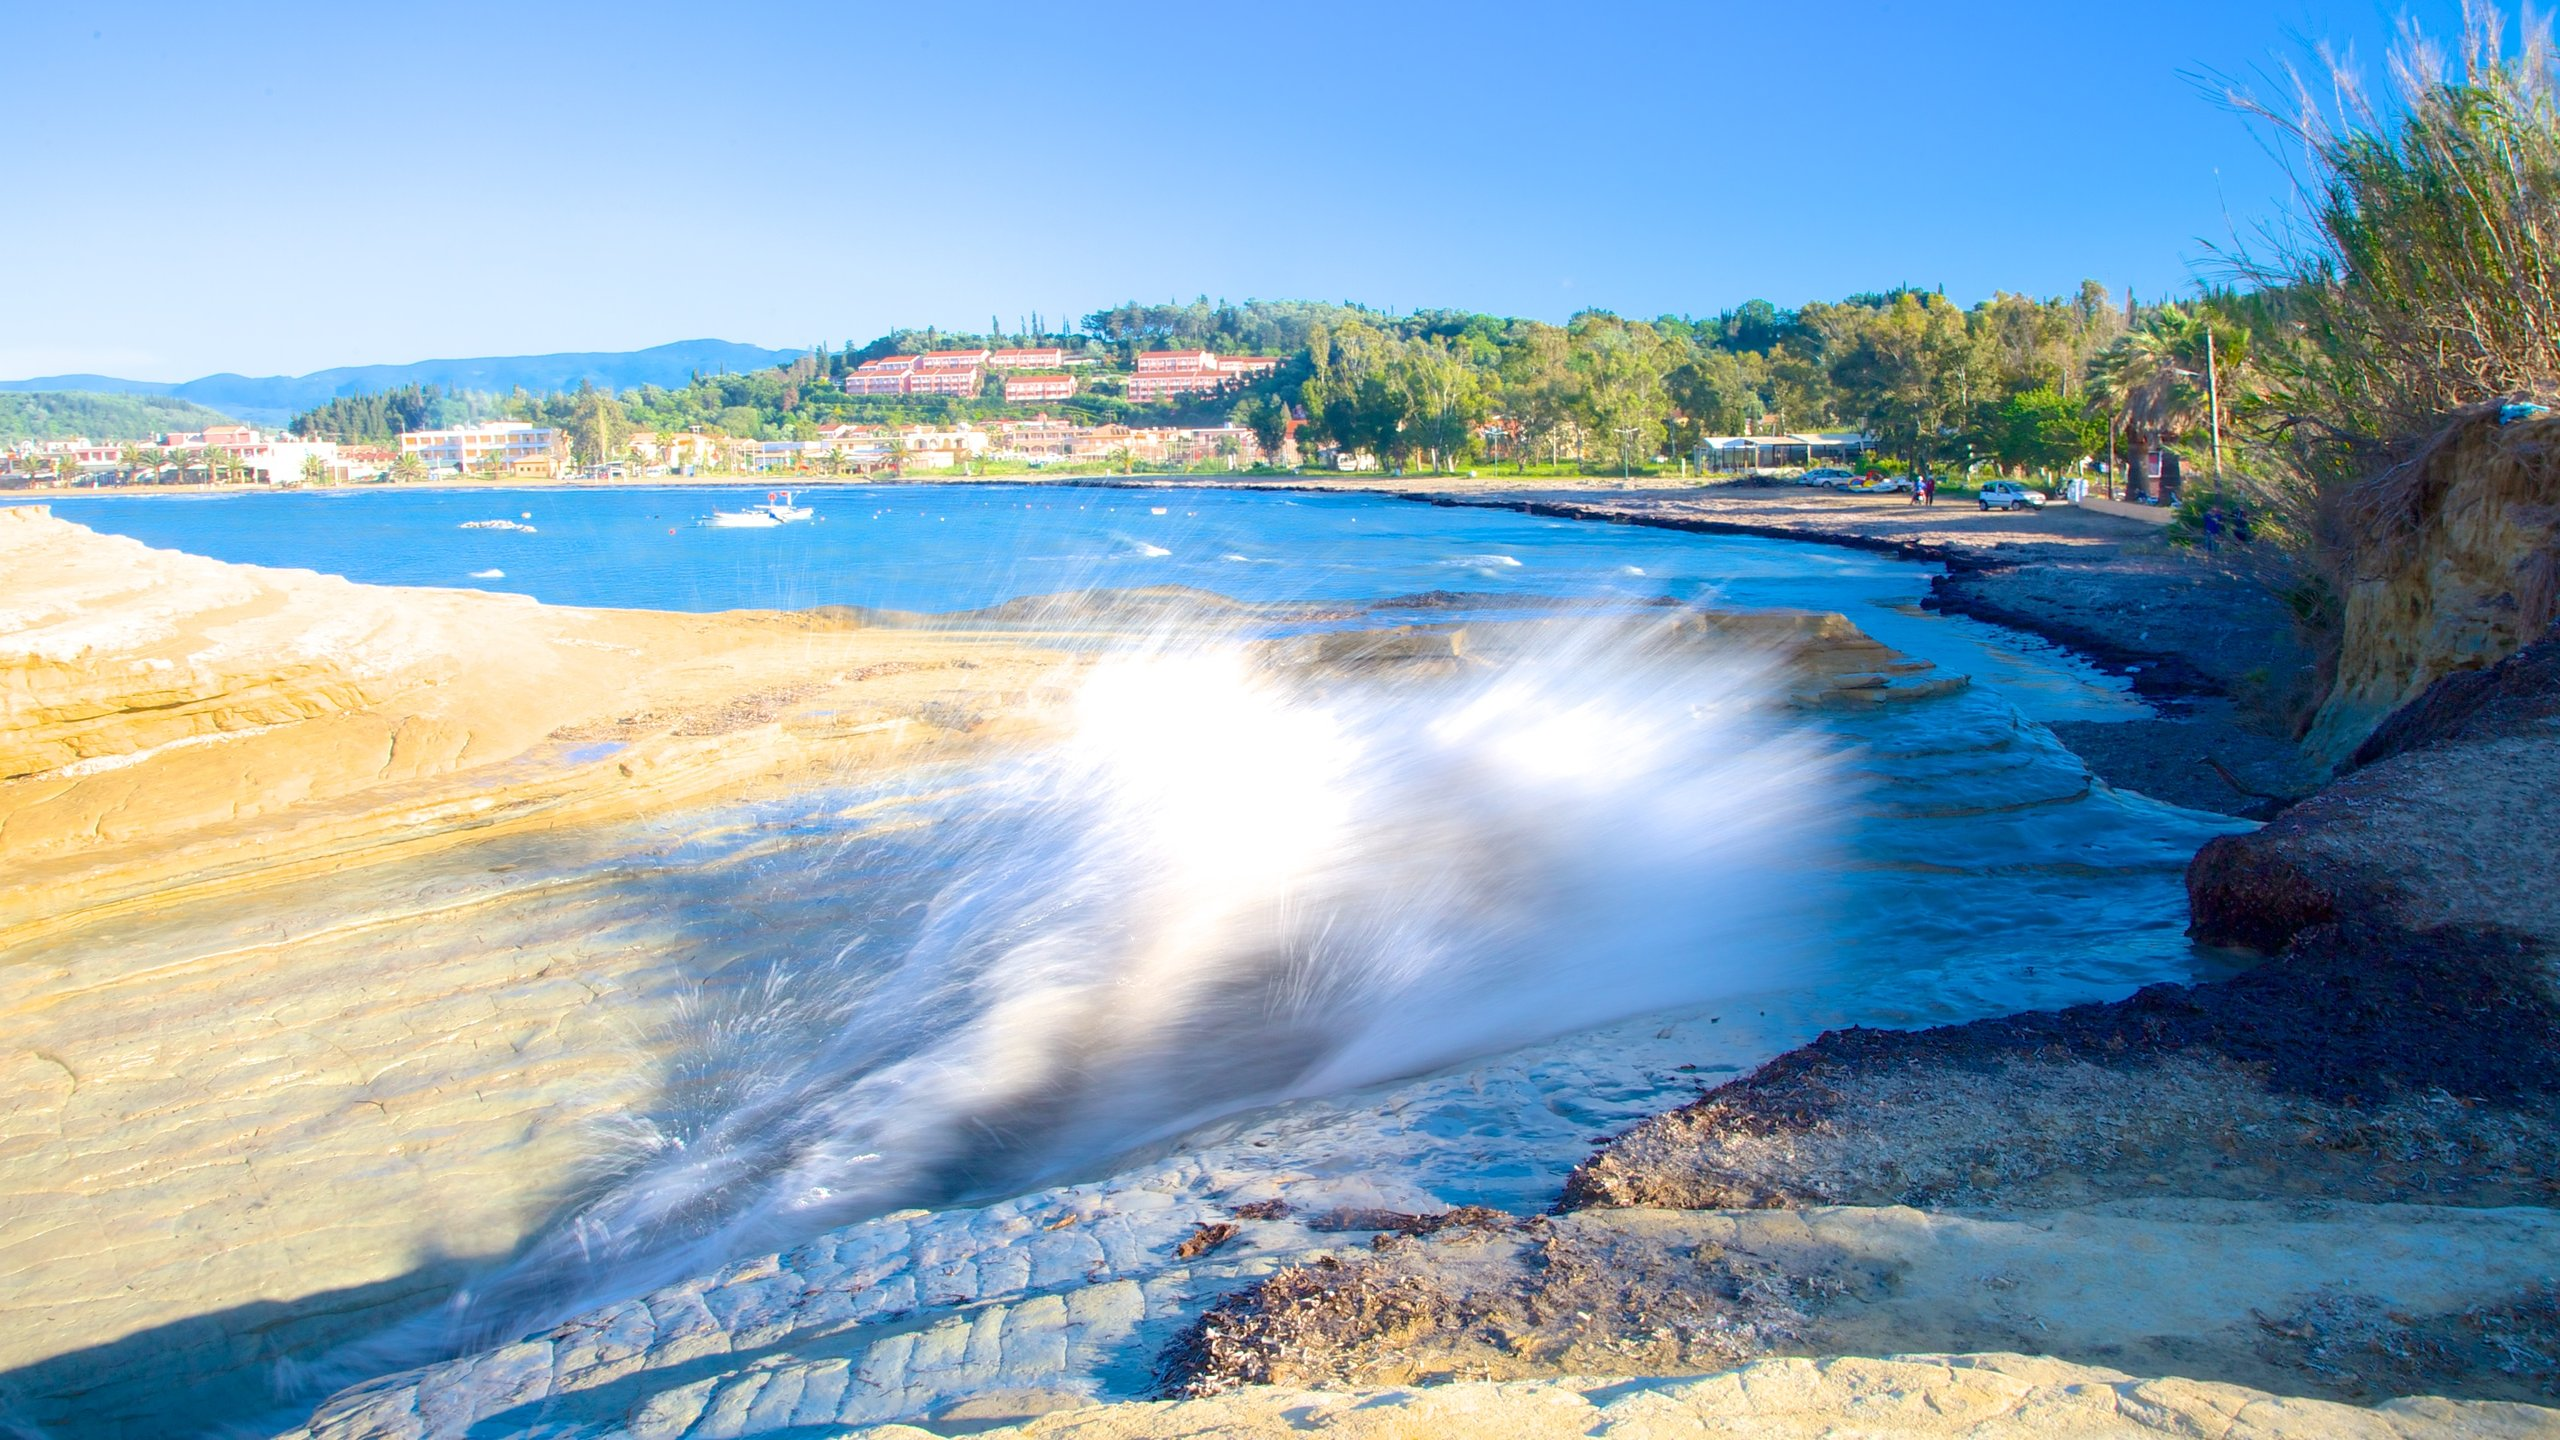 Si te animas a visitar Sidari, aprovecha para acercarte a Playa de Canal d'Amour y salir a navegar. Además de ser un destino donde reina la tranquilidad, aquí también podrás pasear por hermosos parques y pasear por arenales increíbles.